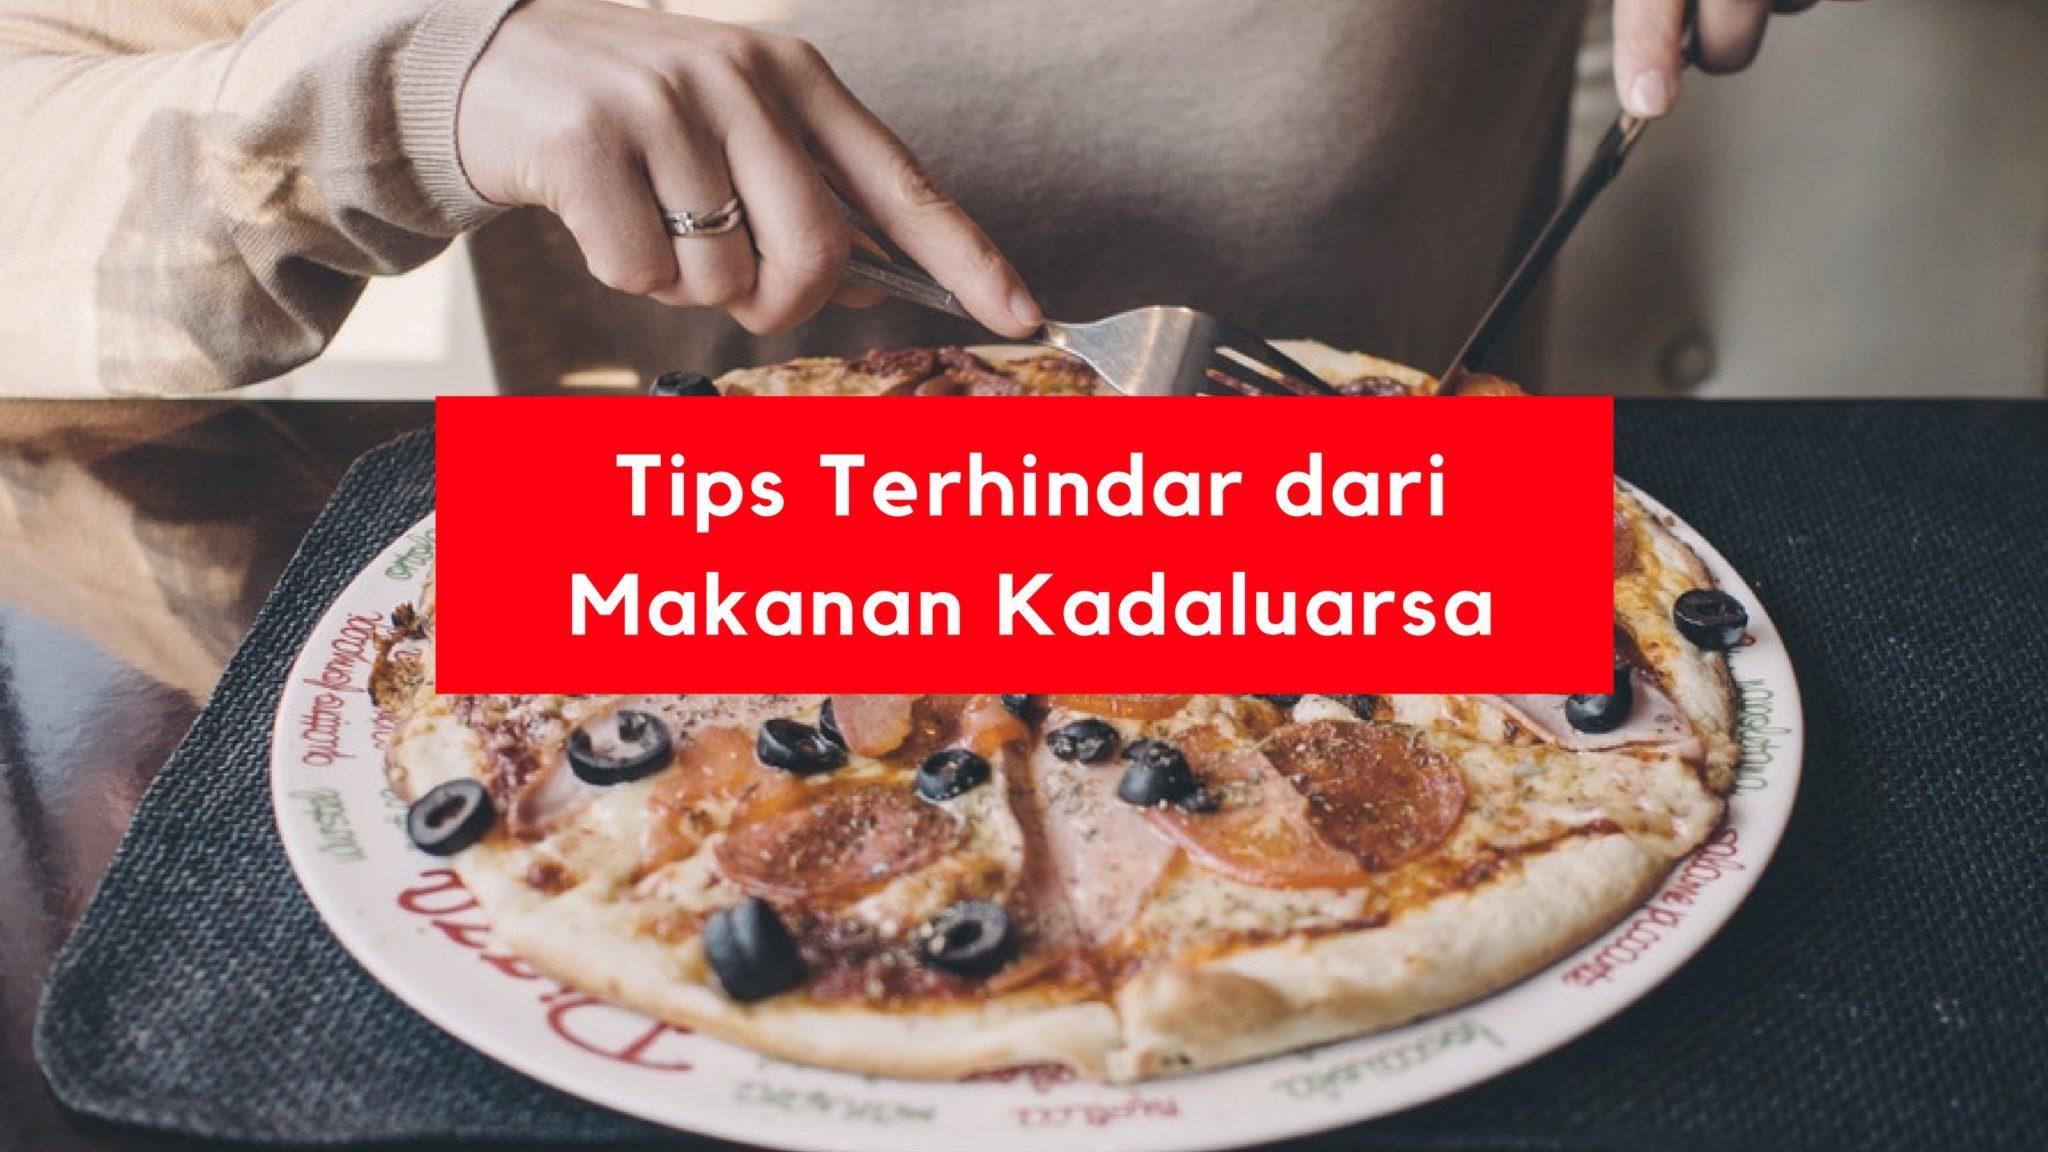 Tips Terhindar dari Makanan Kadaluarsa